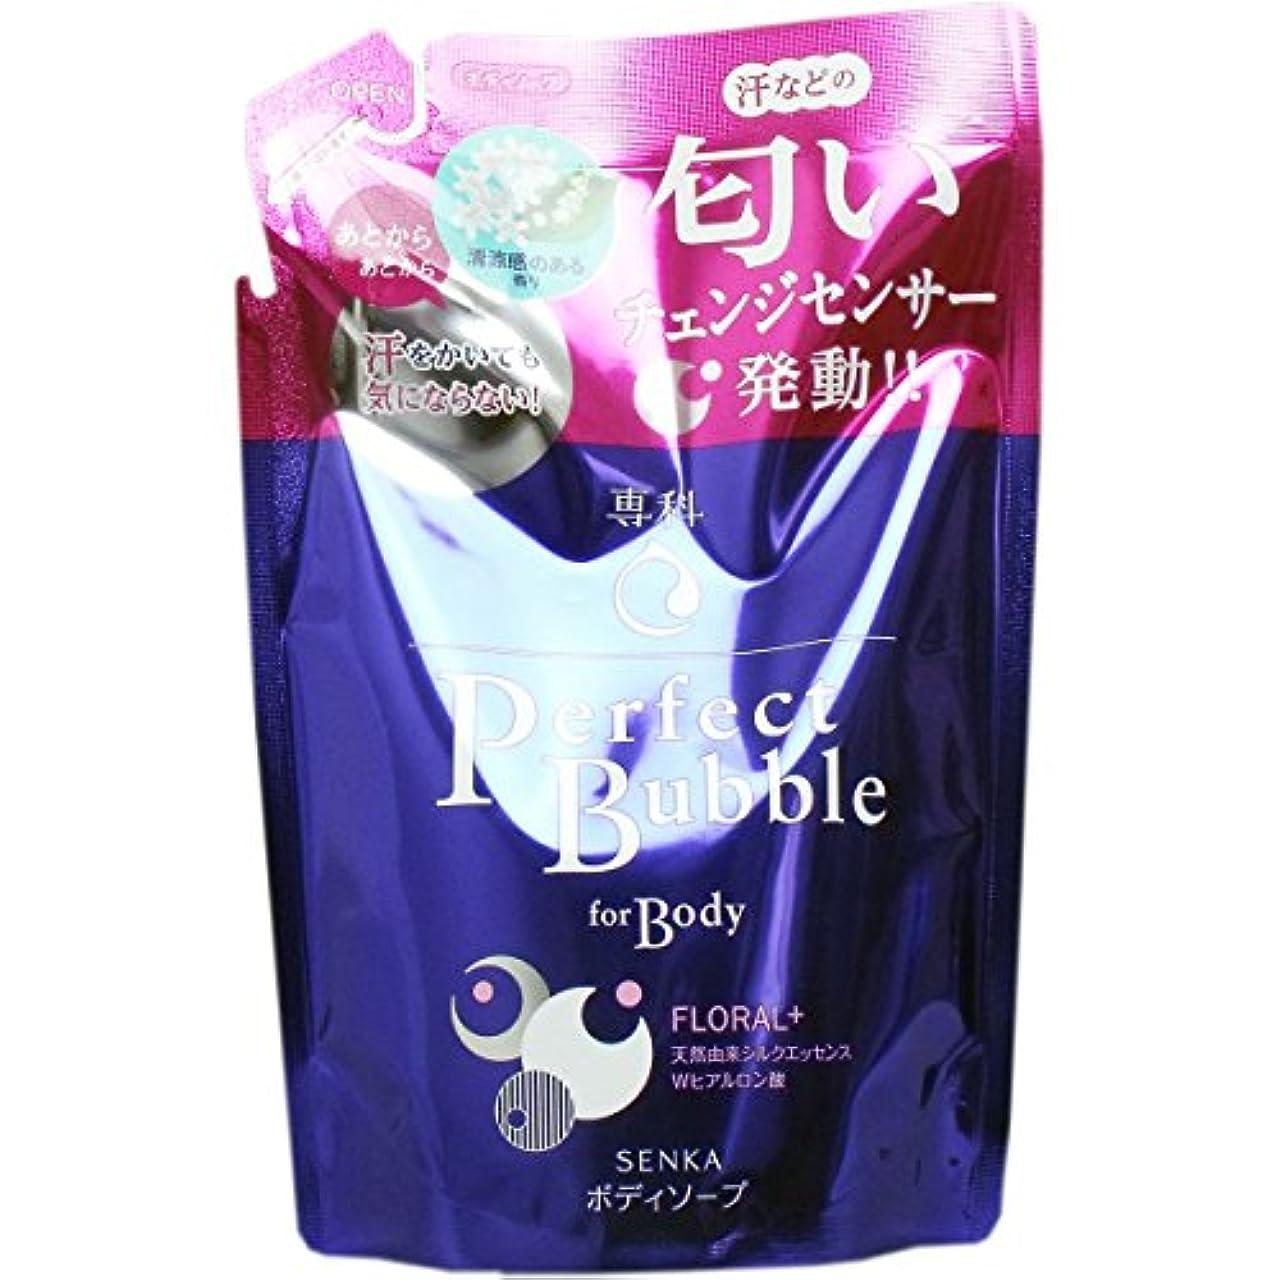 スープ定期的にピンク【資生堂】専科 パーフェクトバブル フォーボディー つめかえ用 350ml ×5個セット